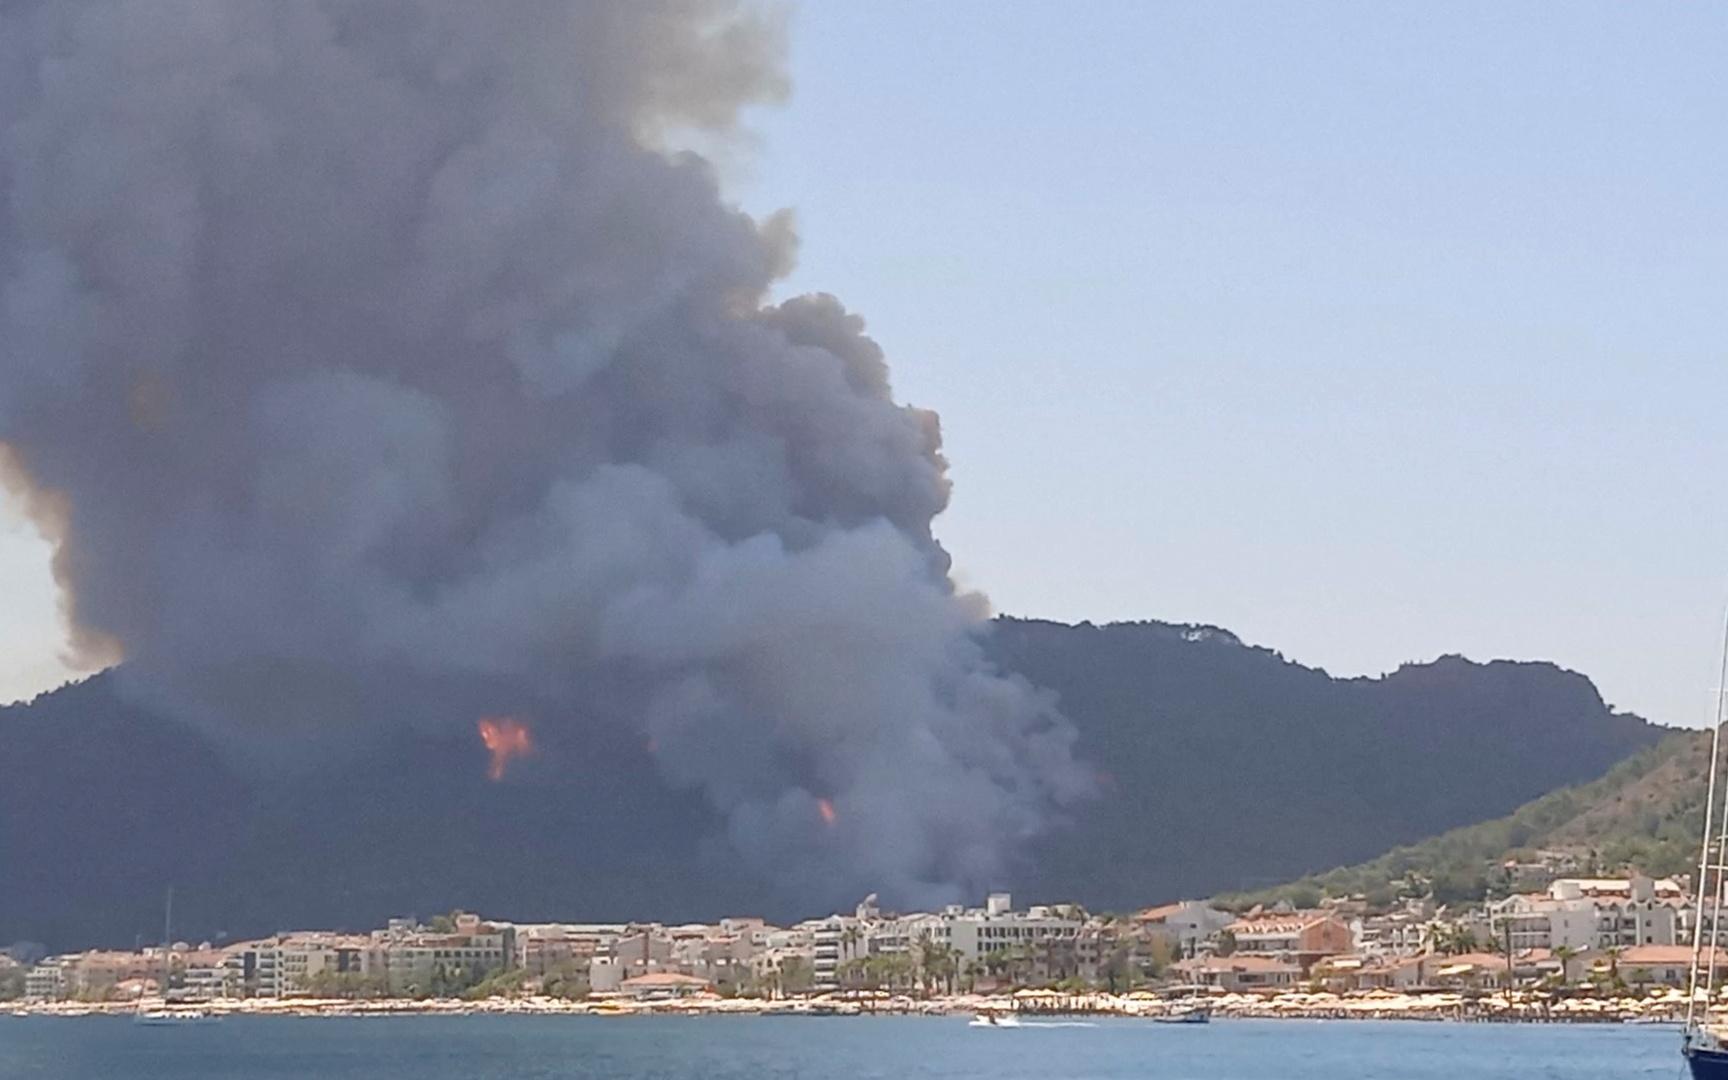 ارتفاع عدد ضحايا حرائق الغابات في تركيا إلى 4 أشخاص